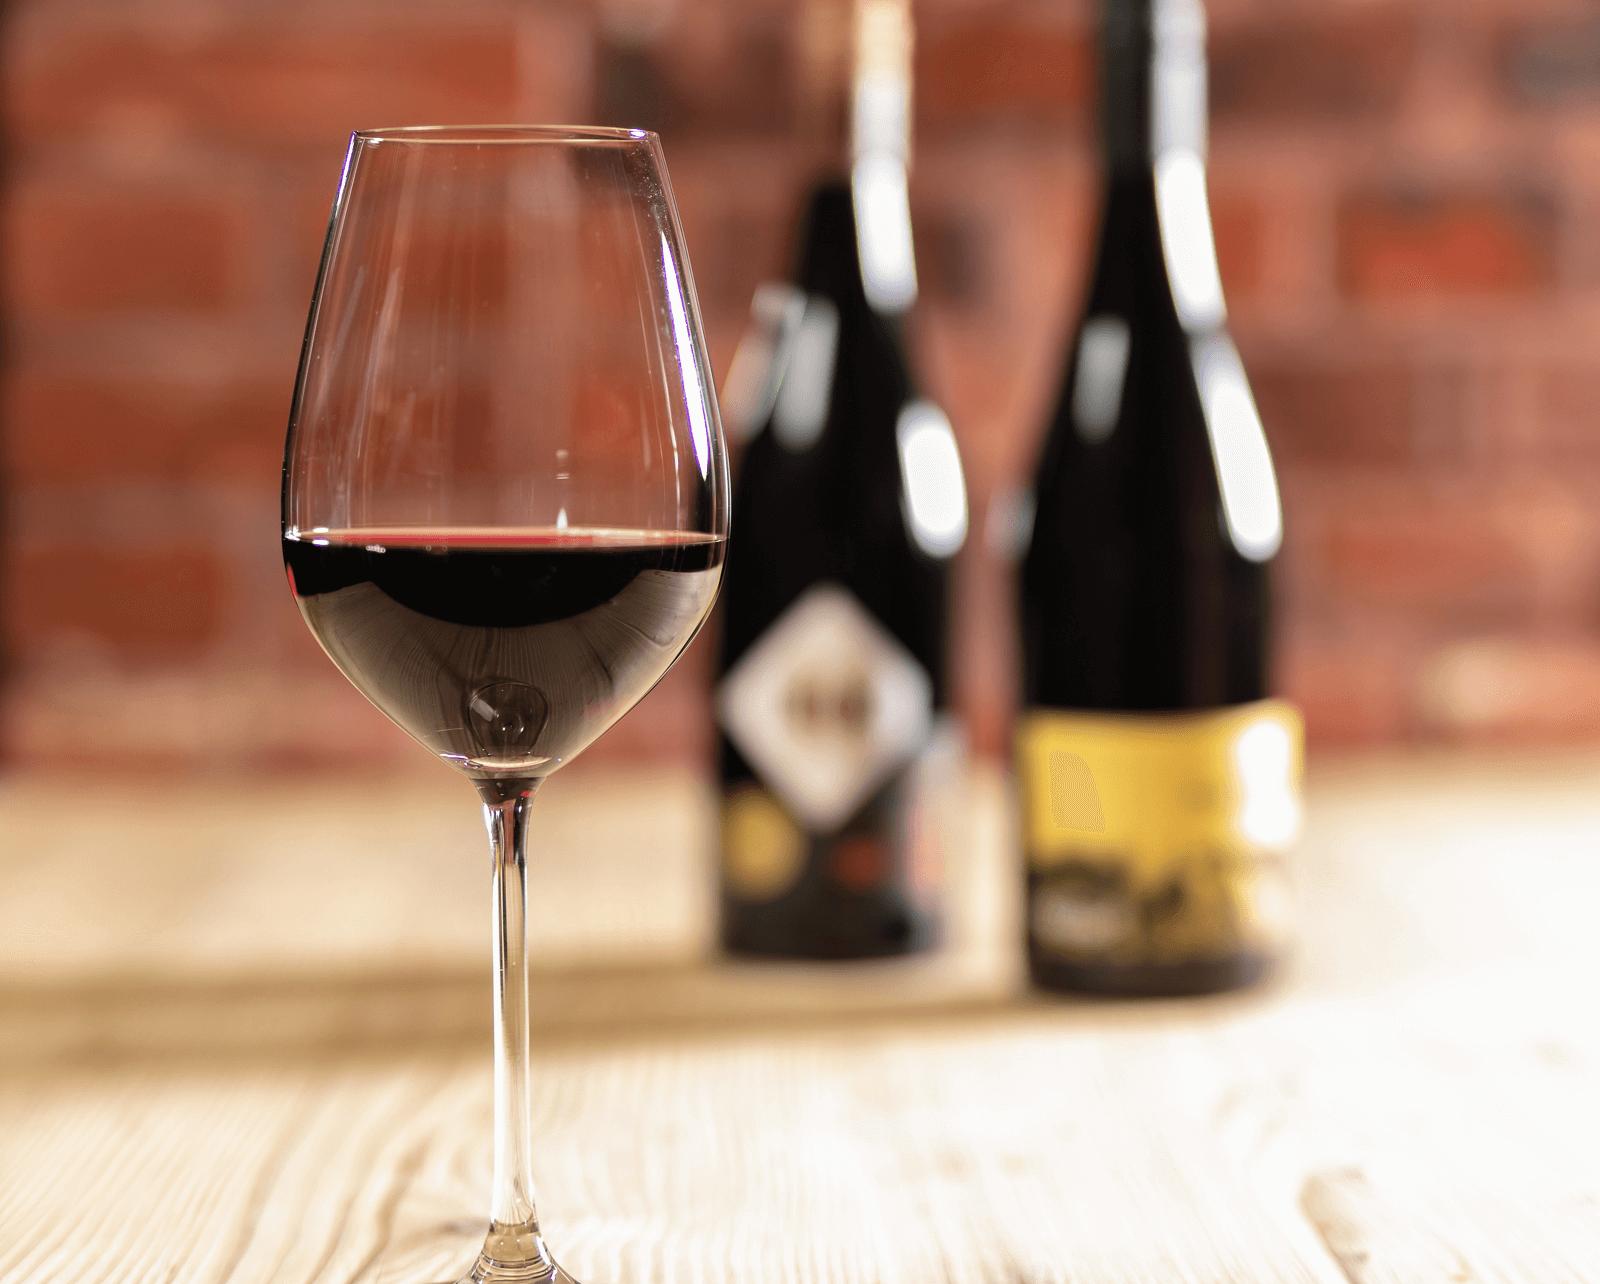 Rotweinglas mit Flaschen